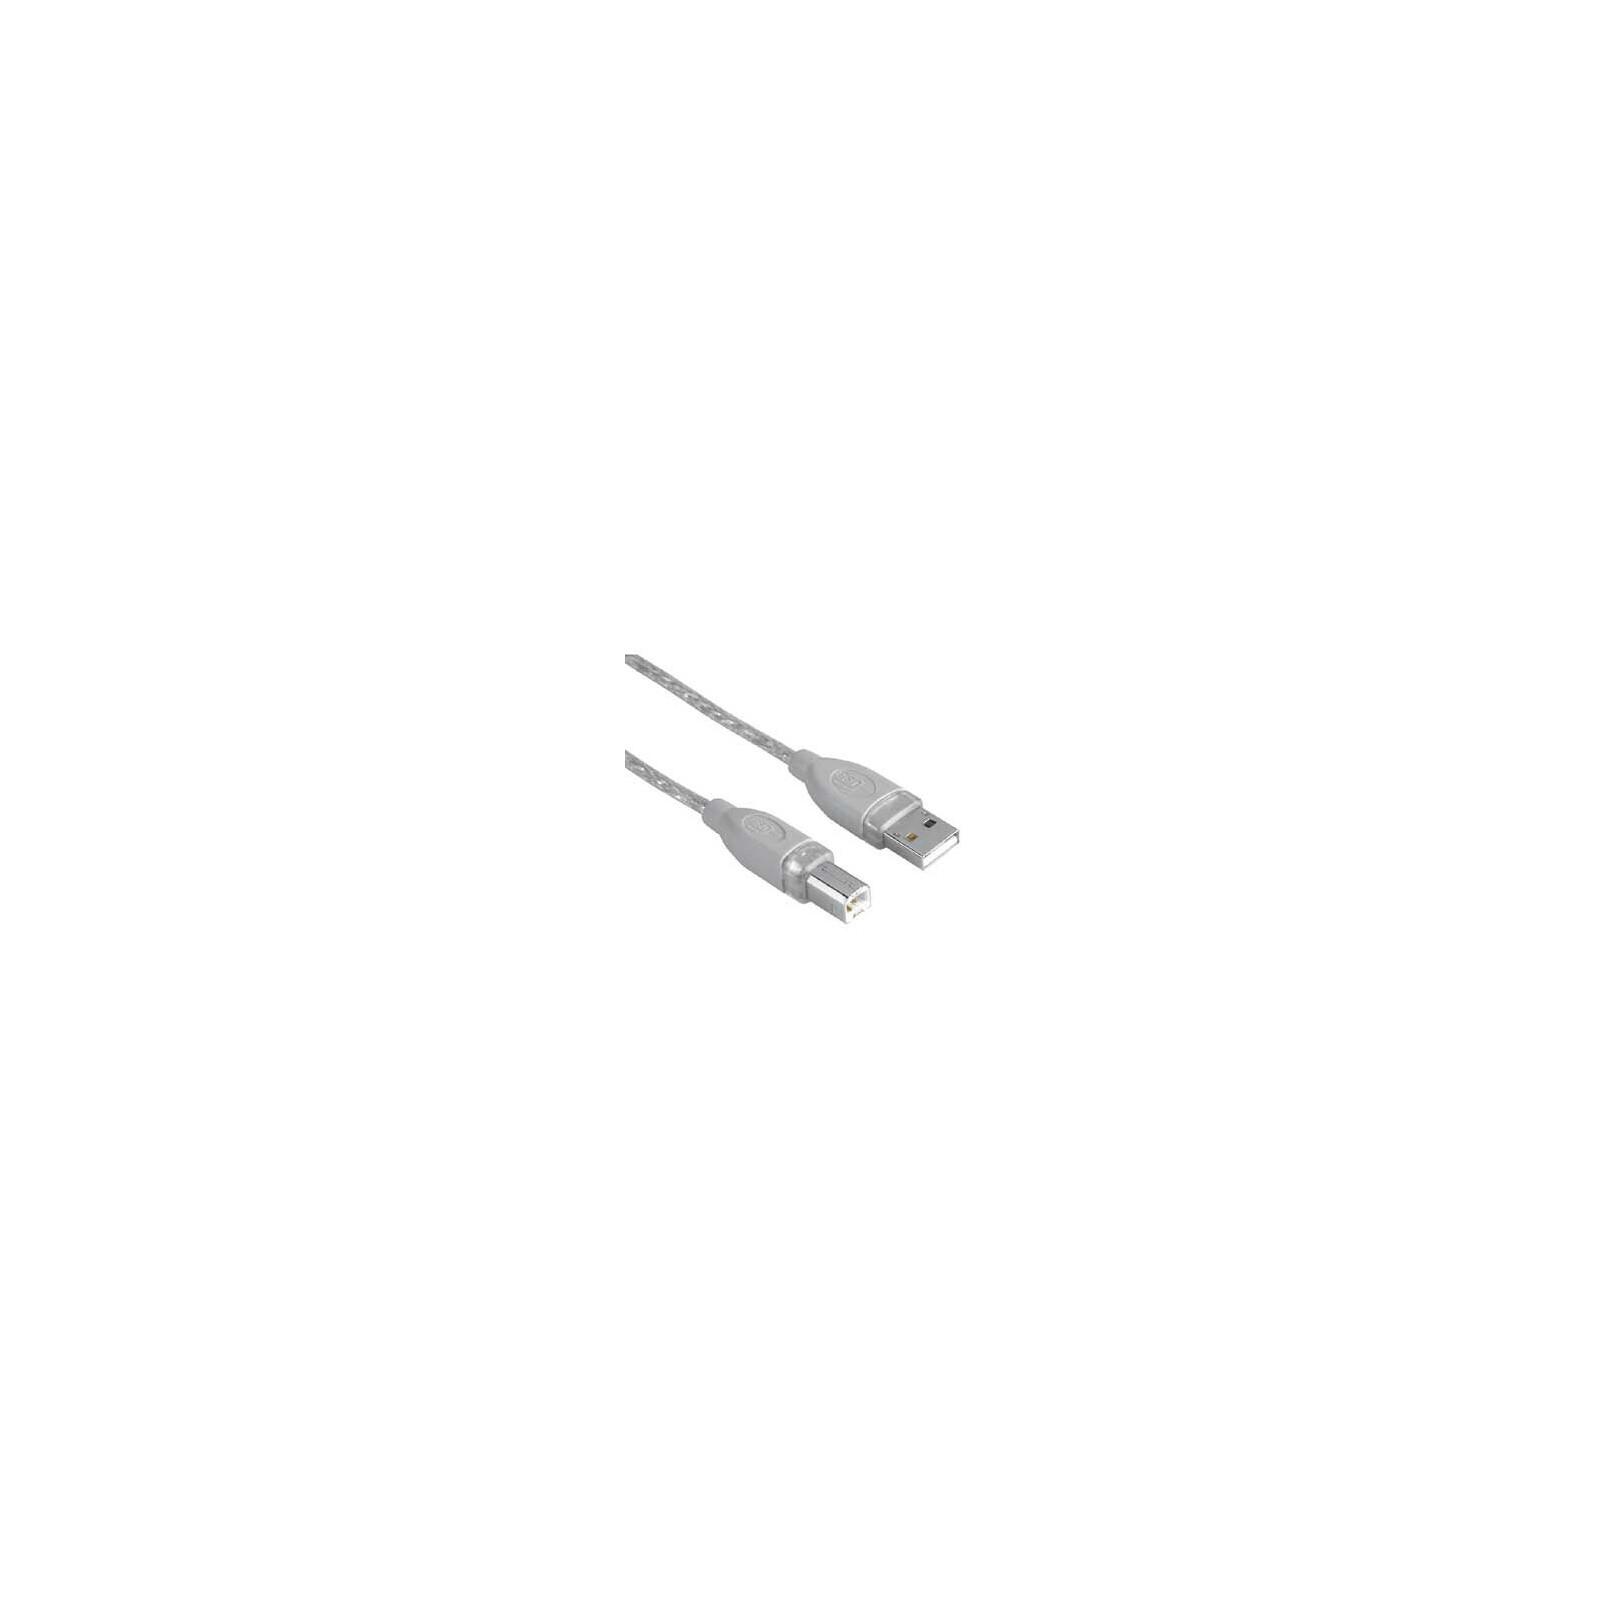 Hama 45022 USB-2.0-Kabel, geschirmt, Grau, 3,00 m